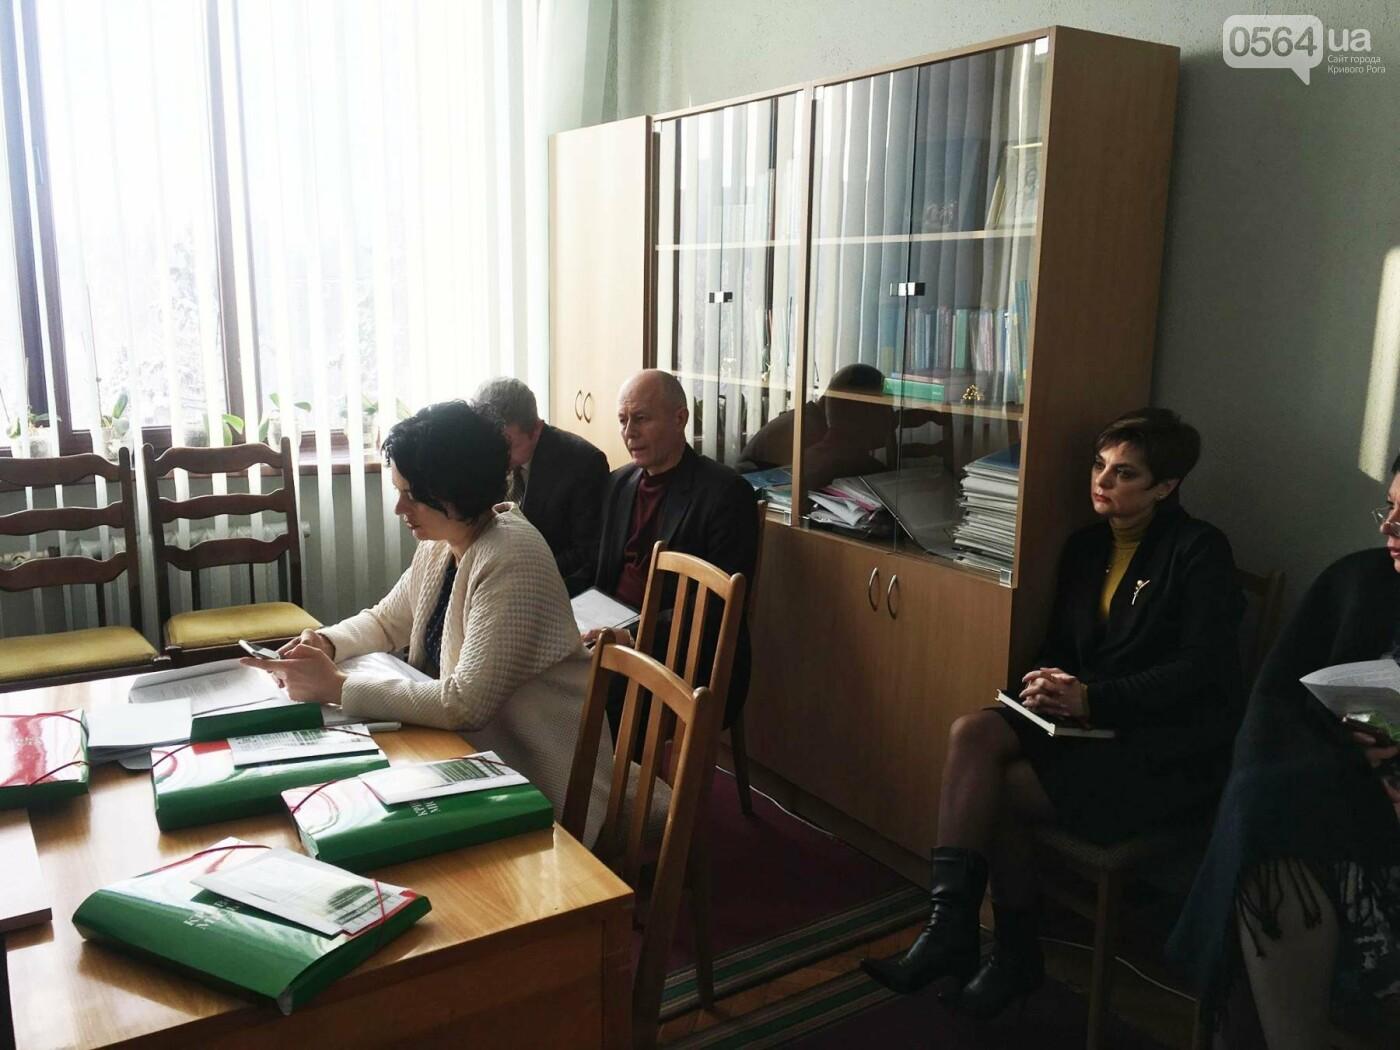 В Кривом Роге комиссия по этике и депутатской дисциплине перенесла заседание из-за отсутствия коллег (ФОТО), фото-7